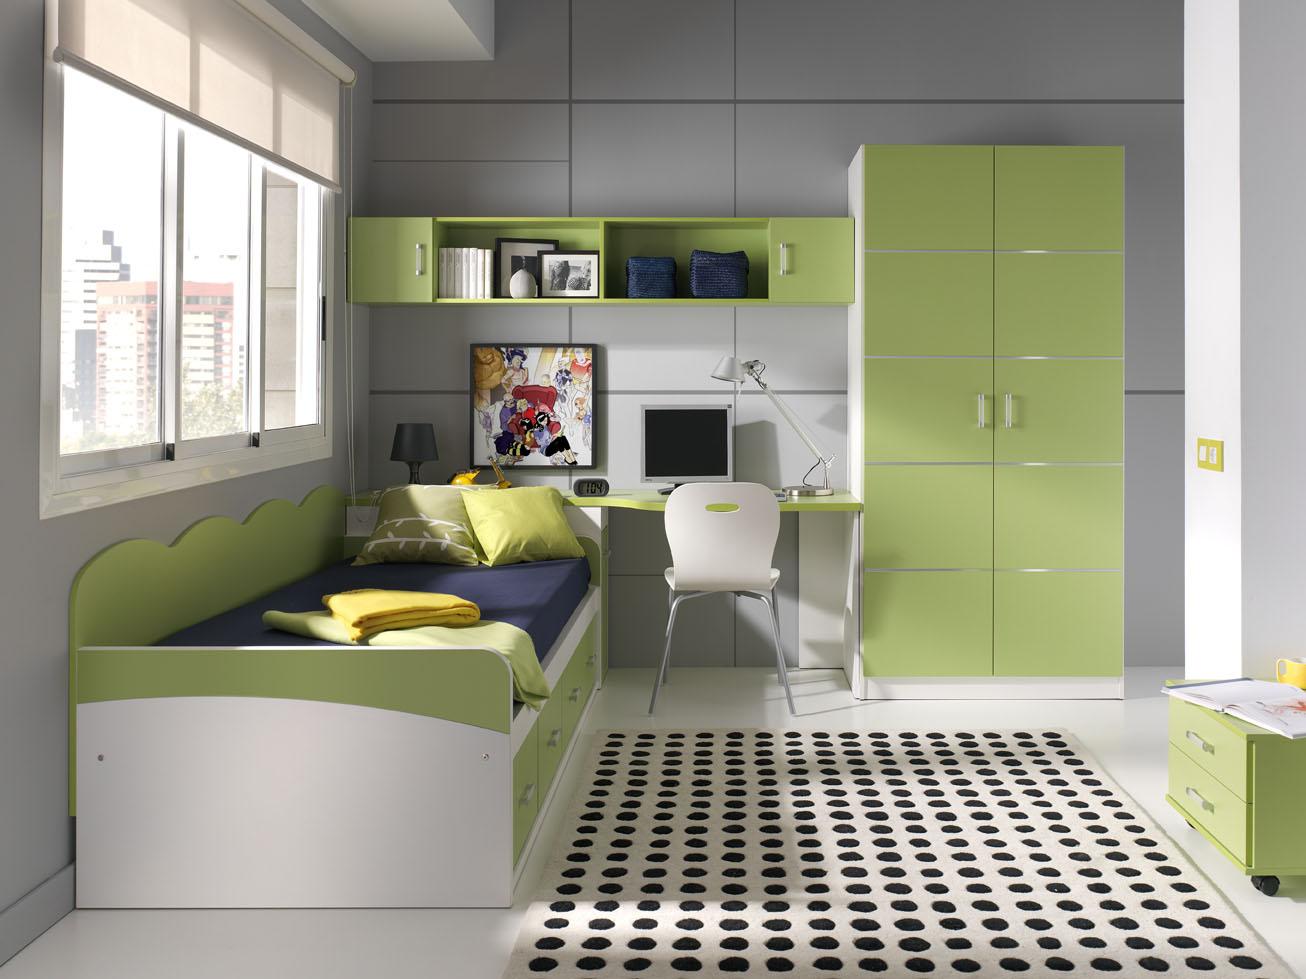 Dormitorios juveniles en color verde muebles orts blog - Dormitorio de ninos ...